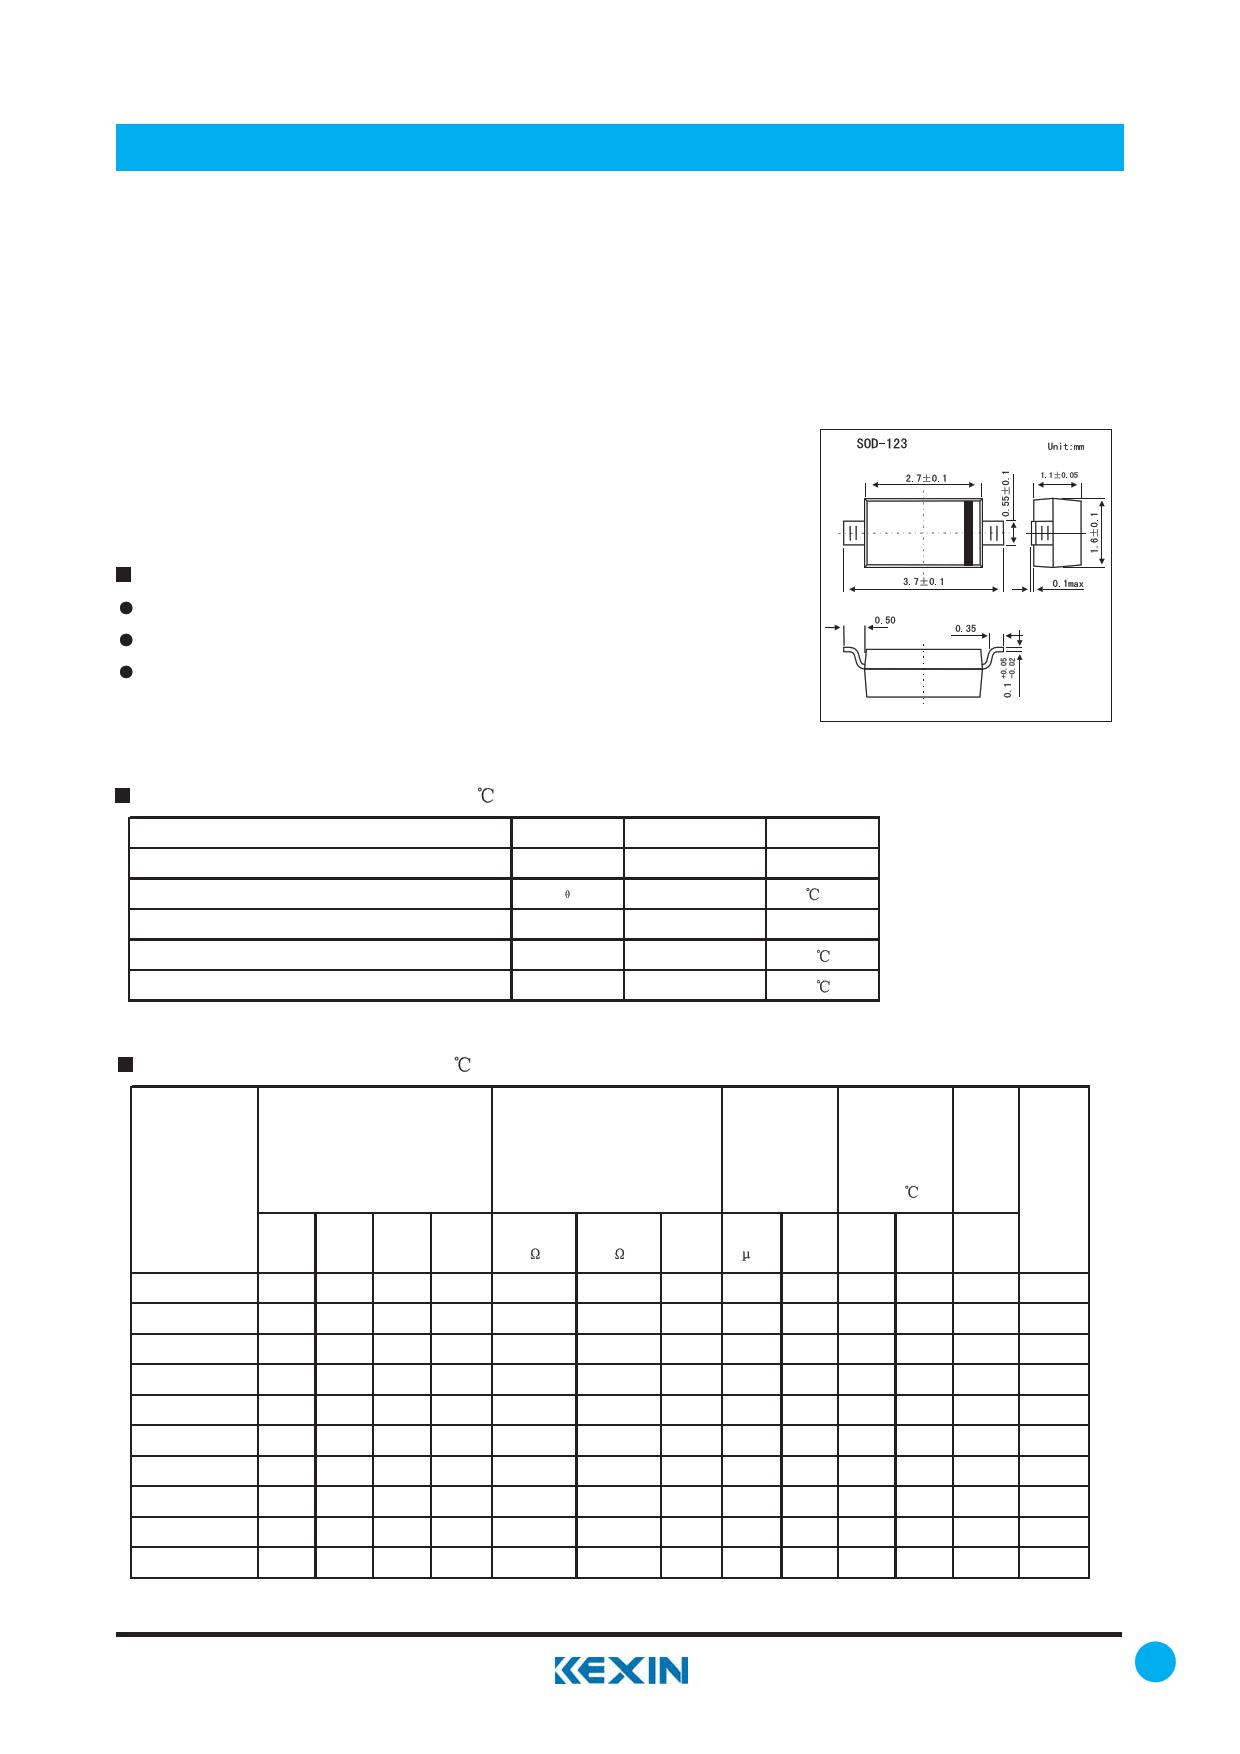 BZT52C12 Datasheet, BZT52C12 PDF,ピン配置, 機能